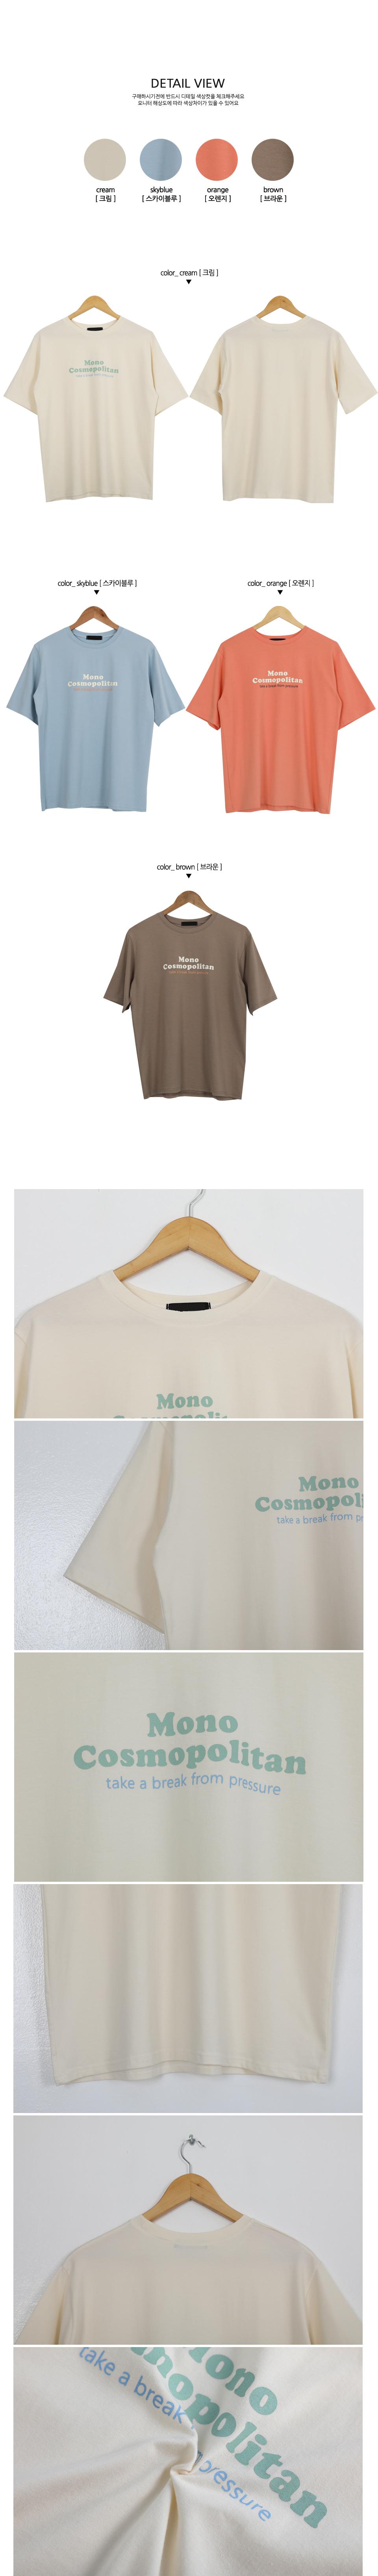 Mono modal round tee